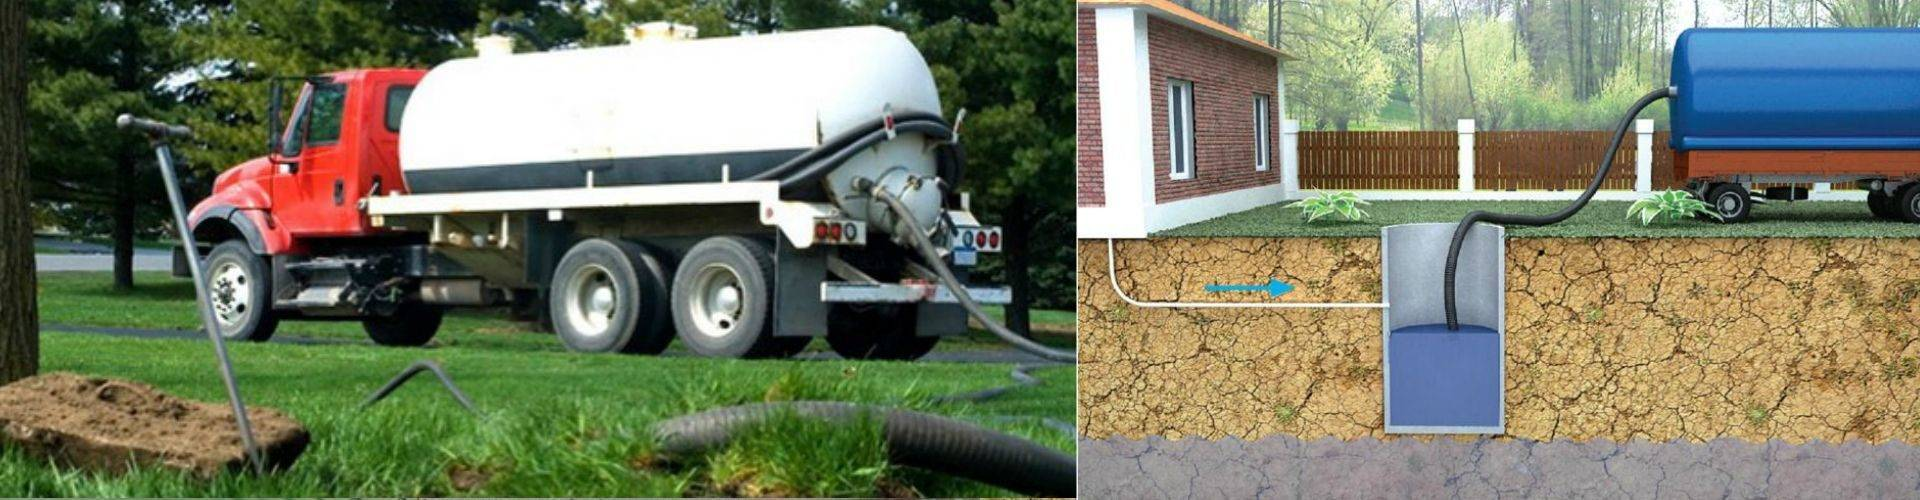 Как очистить туалет с выгребной ямой на даче: эффективные способы